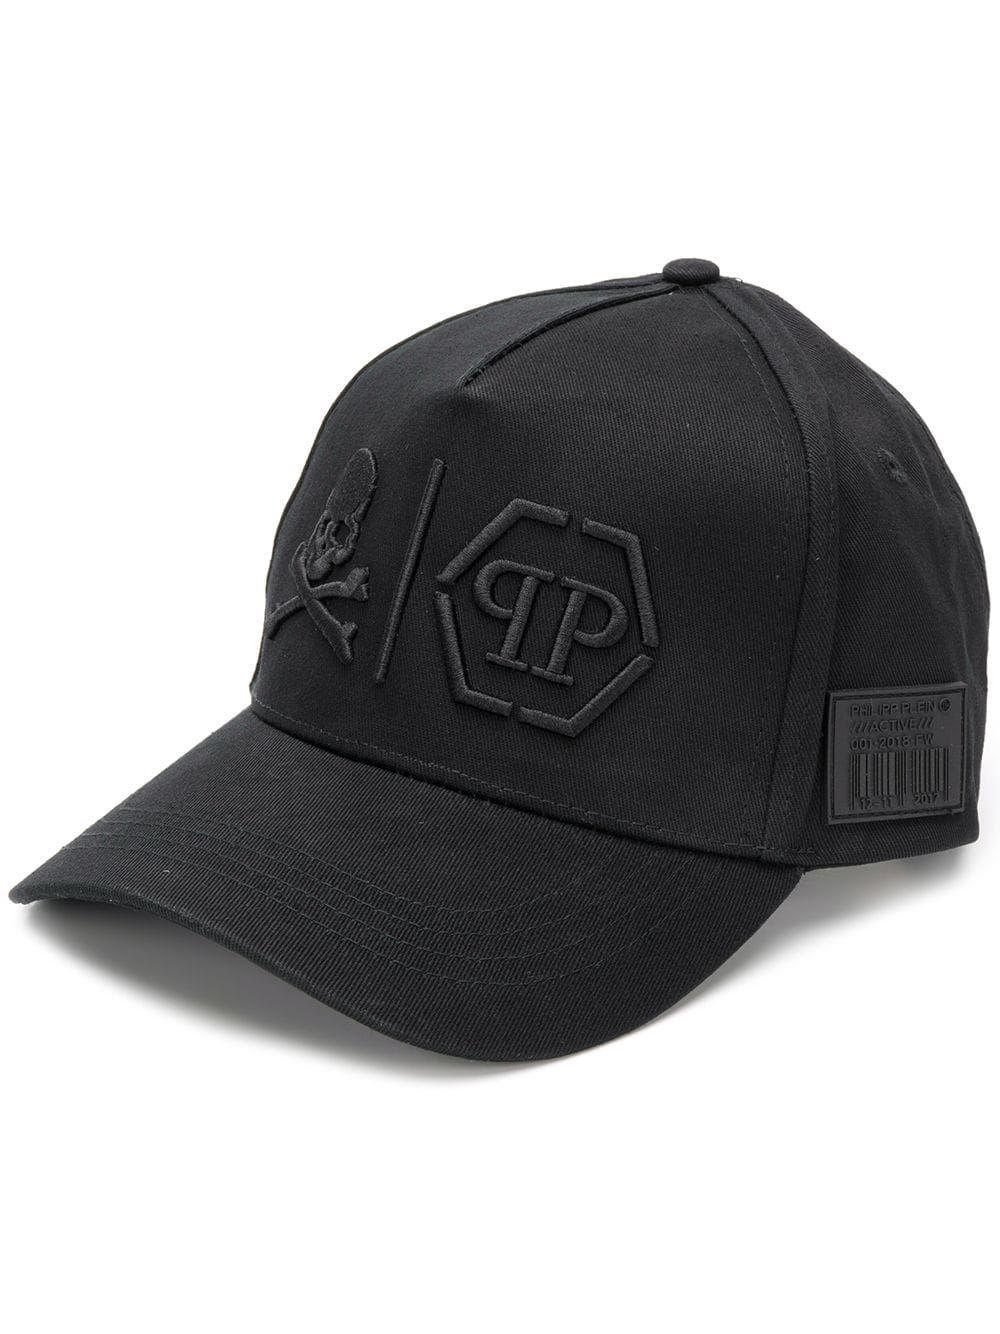 cfd11ad34 PHILIPP PLEIN PHILIPP PLEIN 'SIMPLE SKULL' CAP - BLACK ...